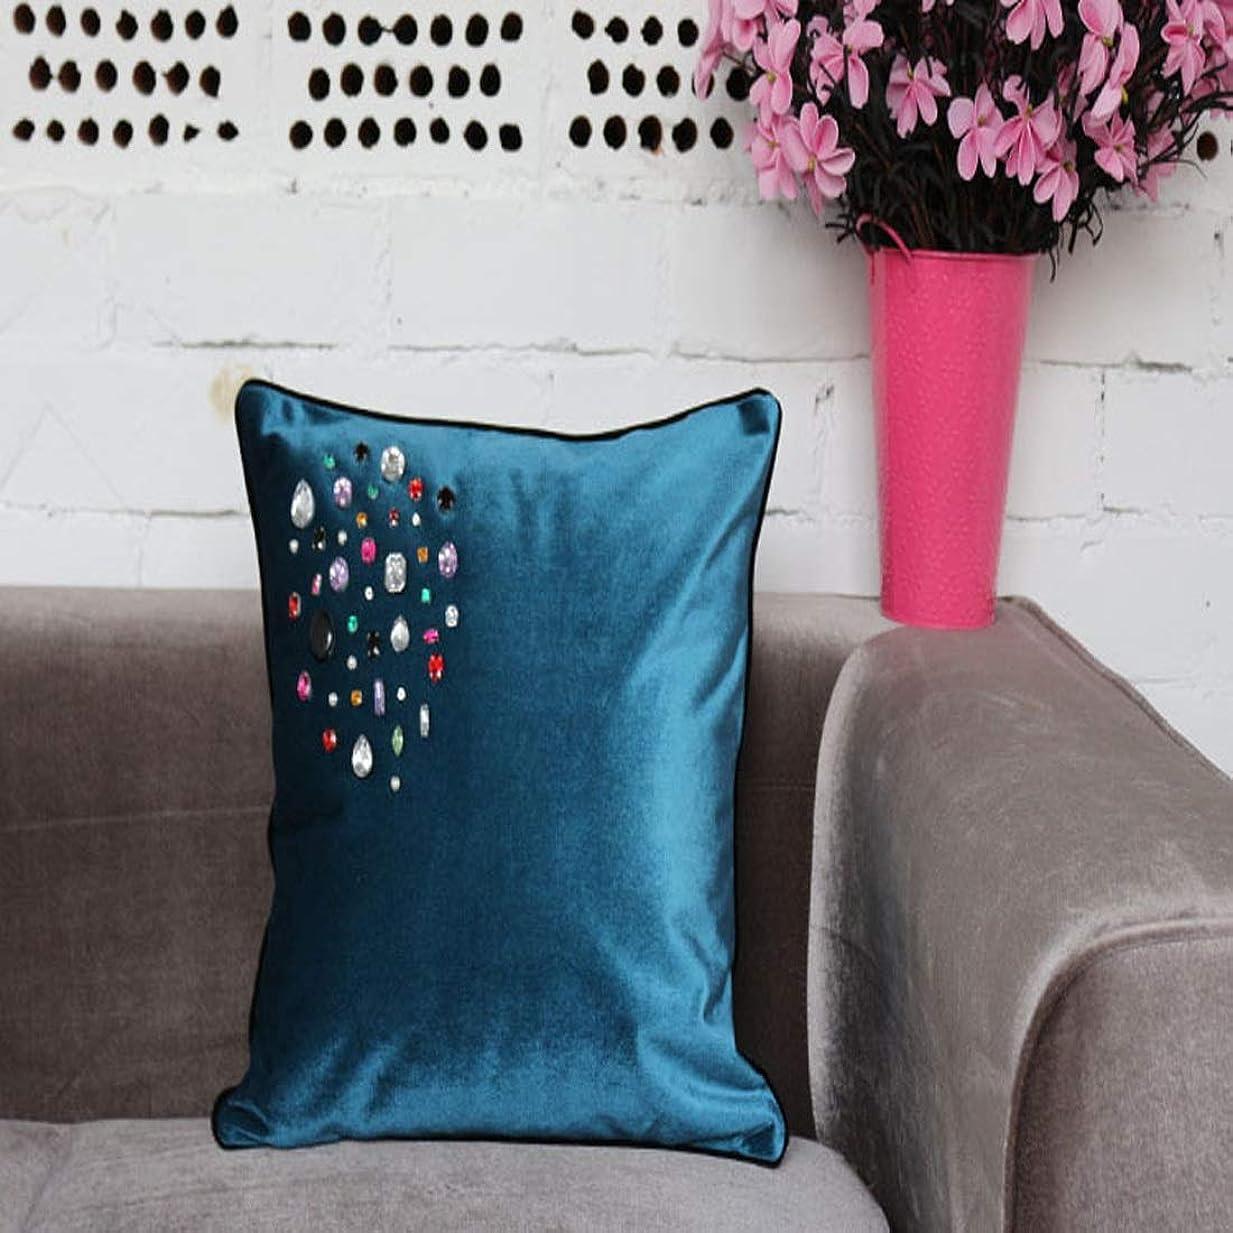 階下しなければならない一族方朝日スポーツ用品店 枕の高級Velveteen縁取りクッション車の使用ソファの装飾のクッションは、自宅で適用される (Color : ブルー, サイズ : 30*50CM)